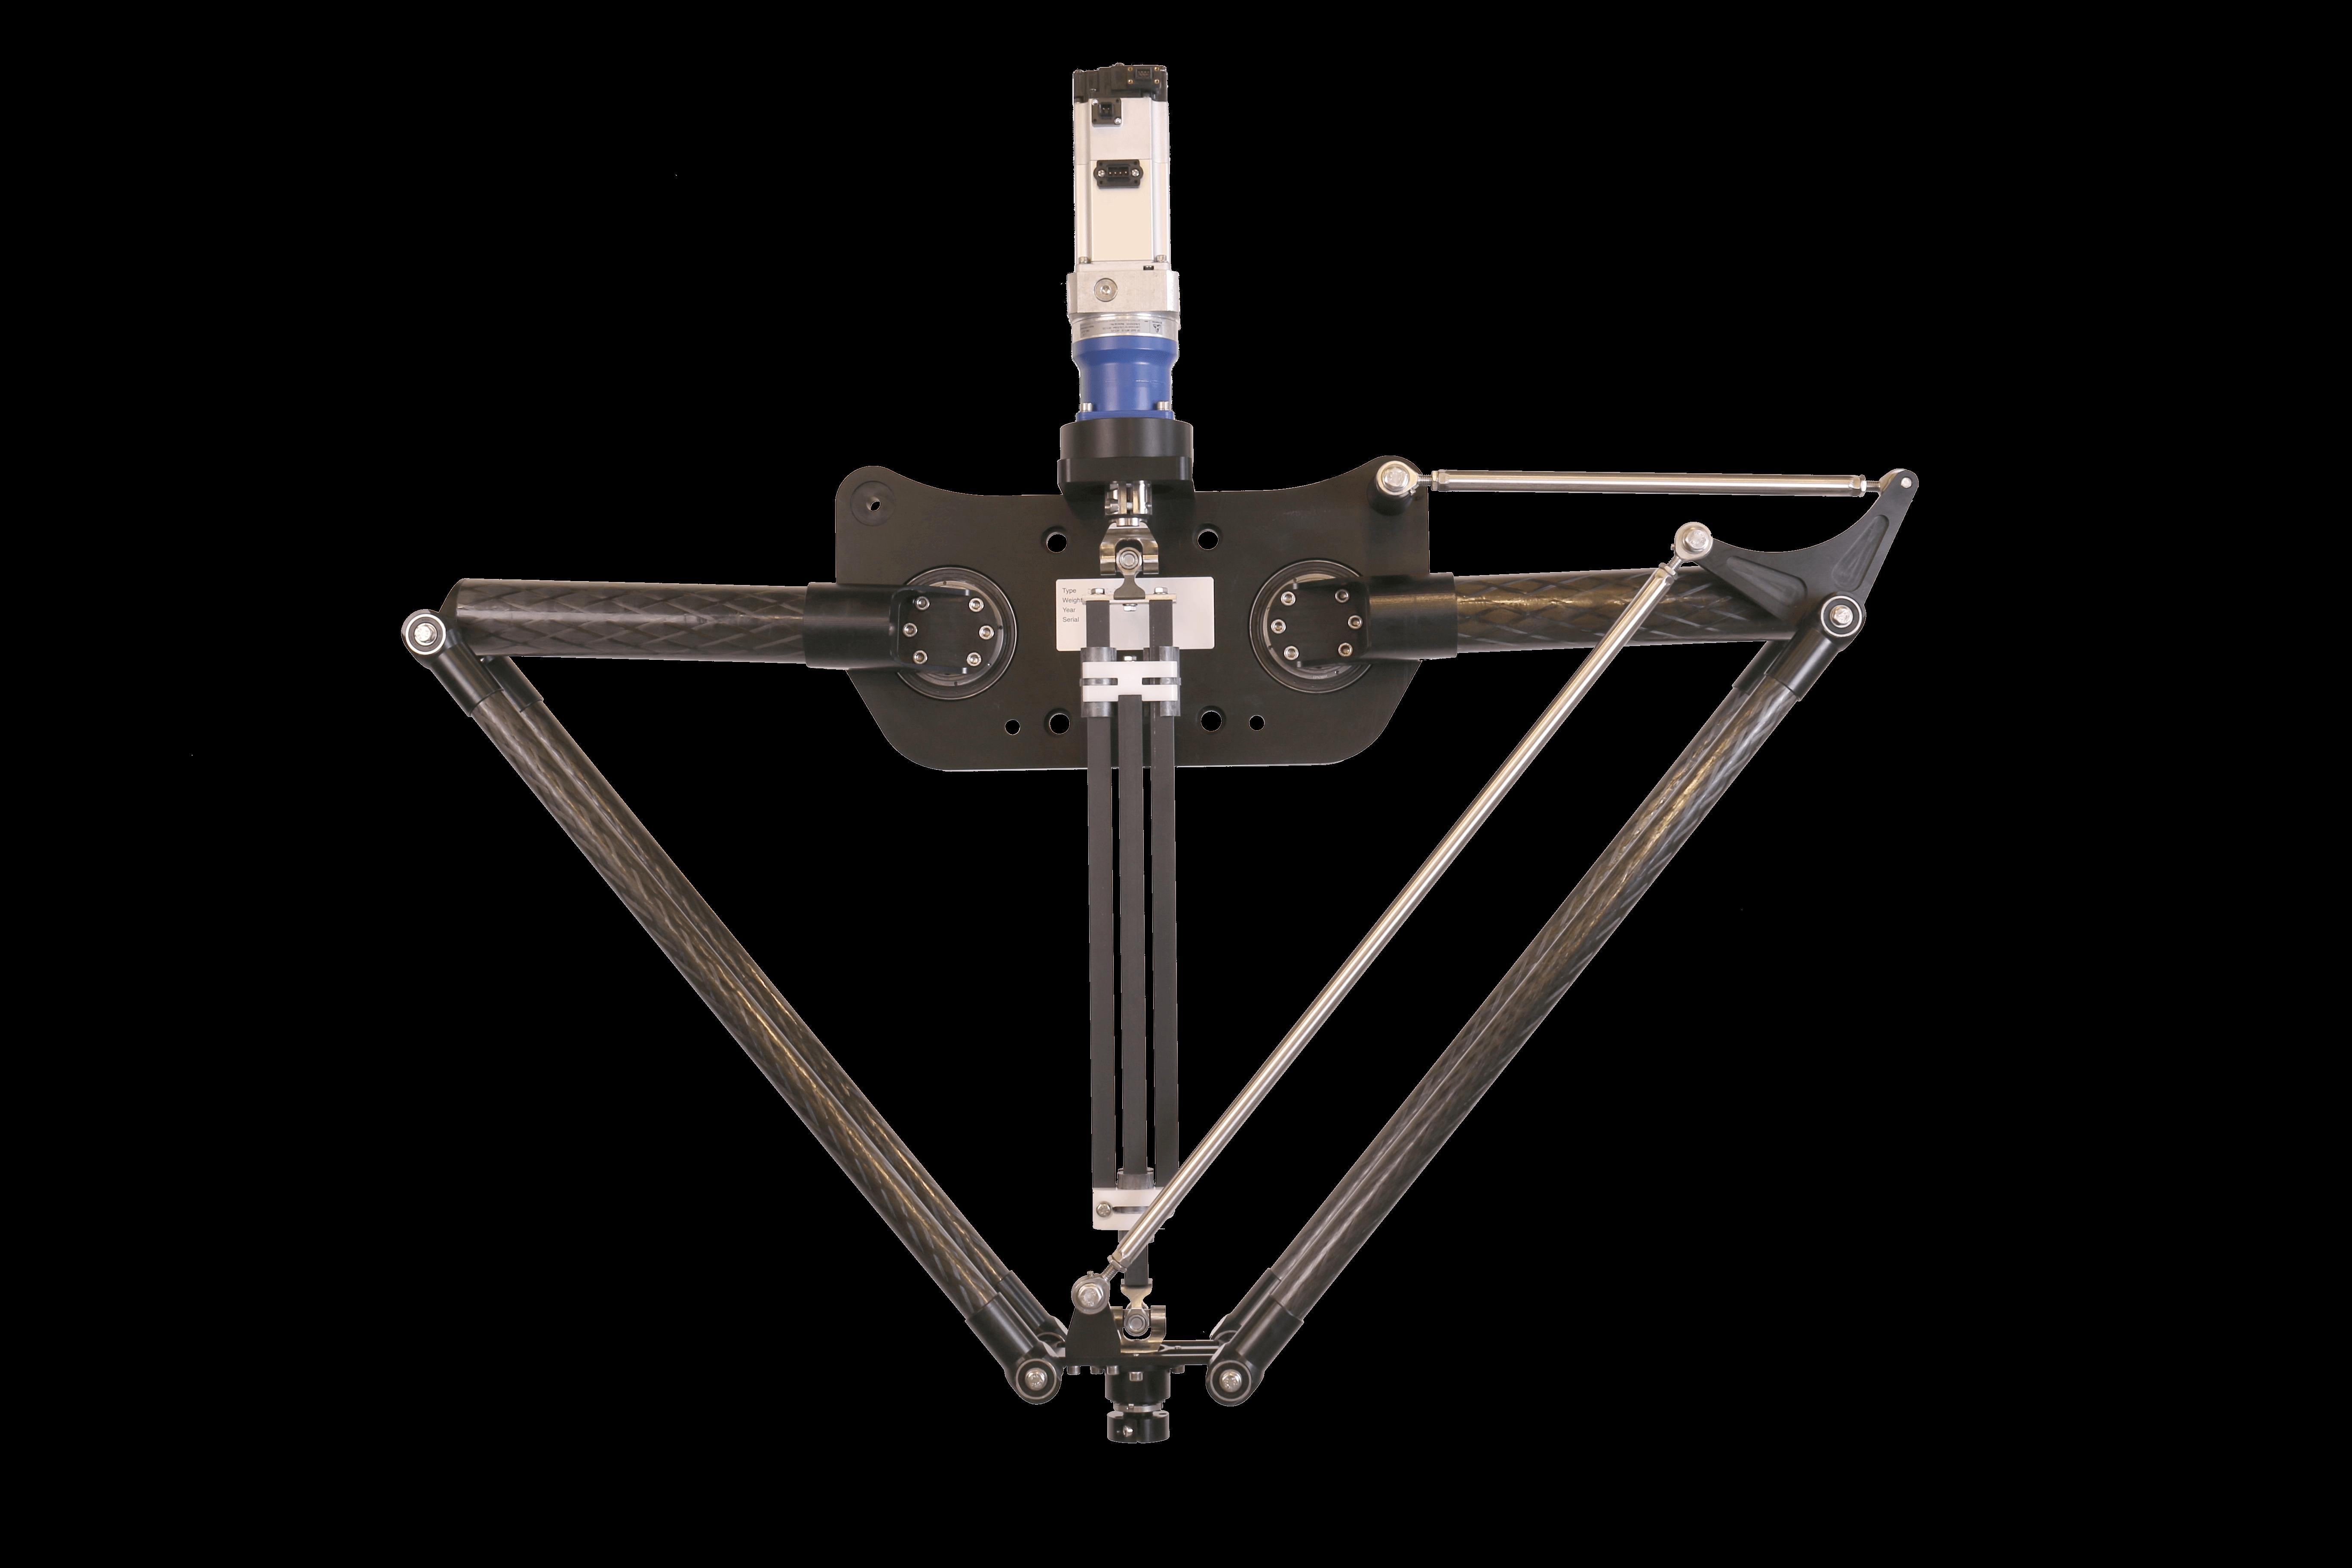 delta robot 1 prod